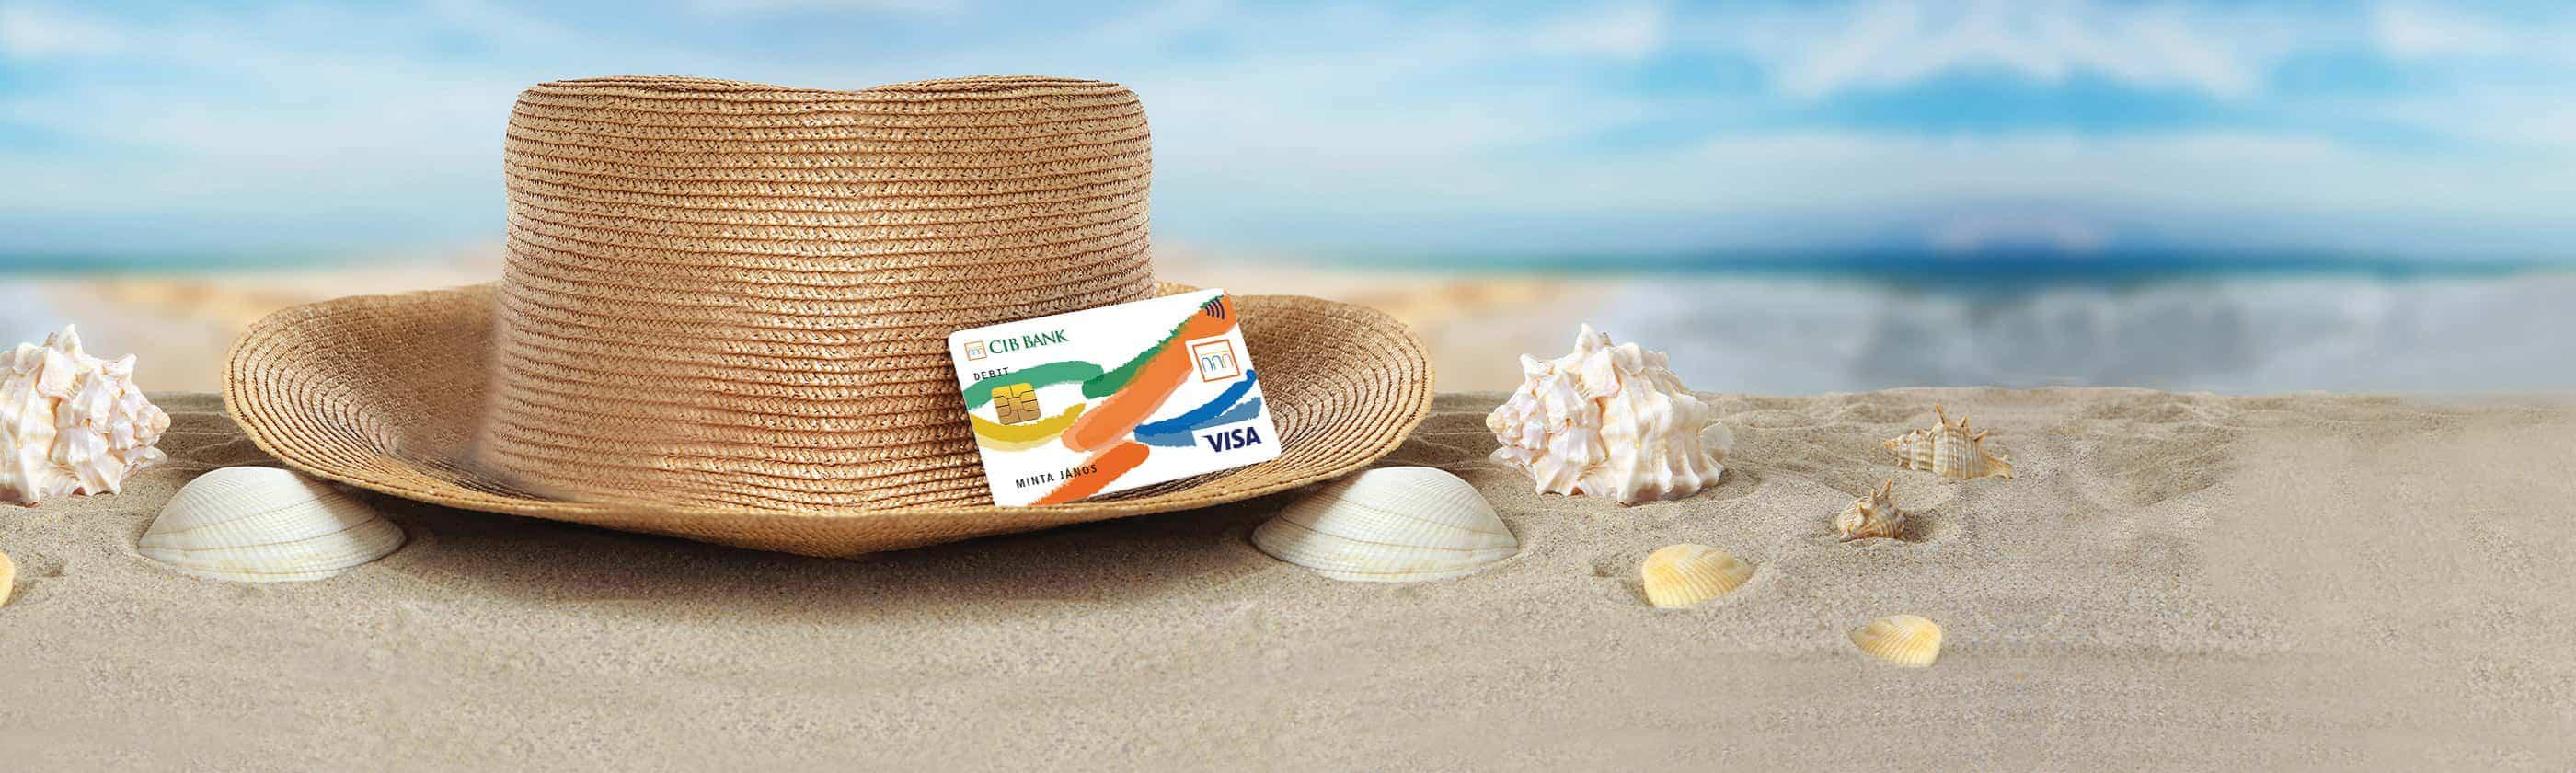 CIB Visa Inspire Electronic Bankcard